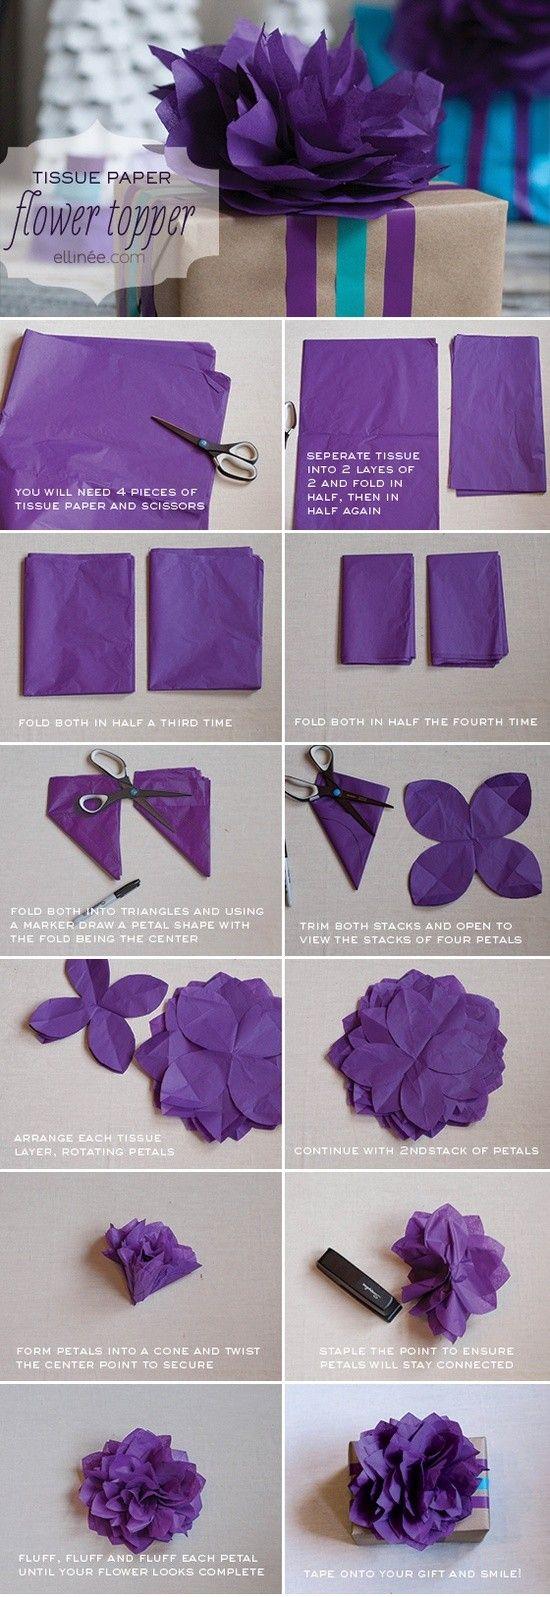 Tissue paper flower topper